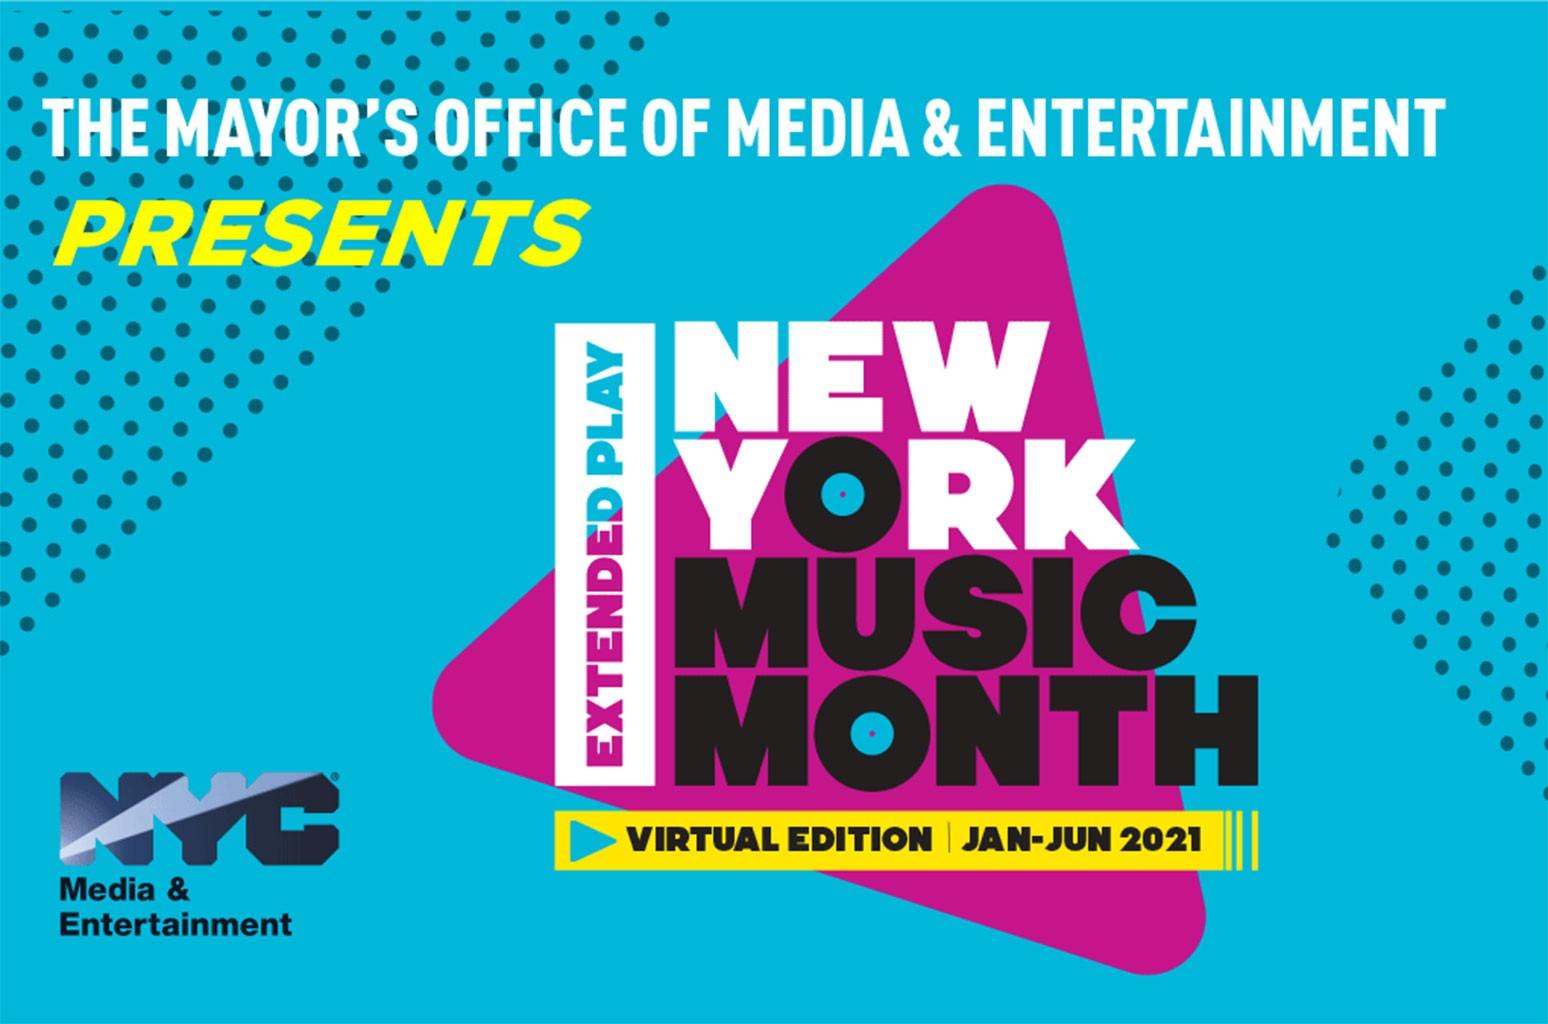 Ежегодный месяц музыки в Нью-Йорке расширяется до шести месяцев, начиная с сегодняшнего дня: «Это способ сохранить жизнь сообществу»